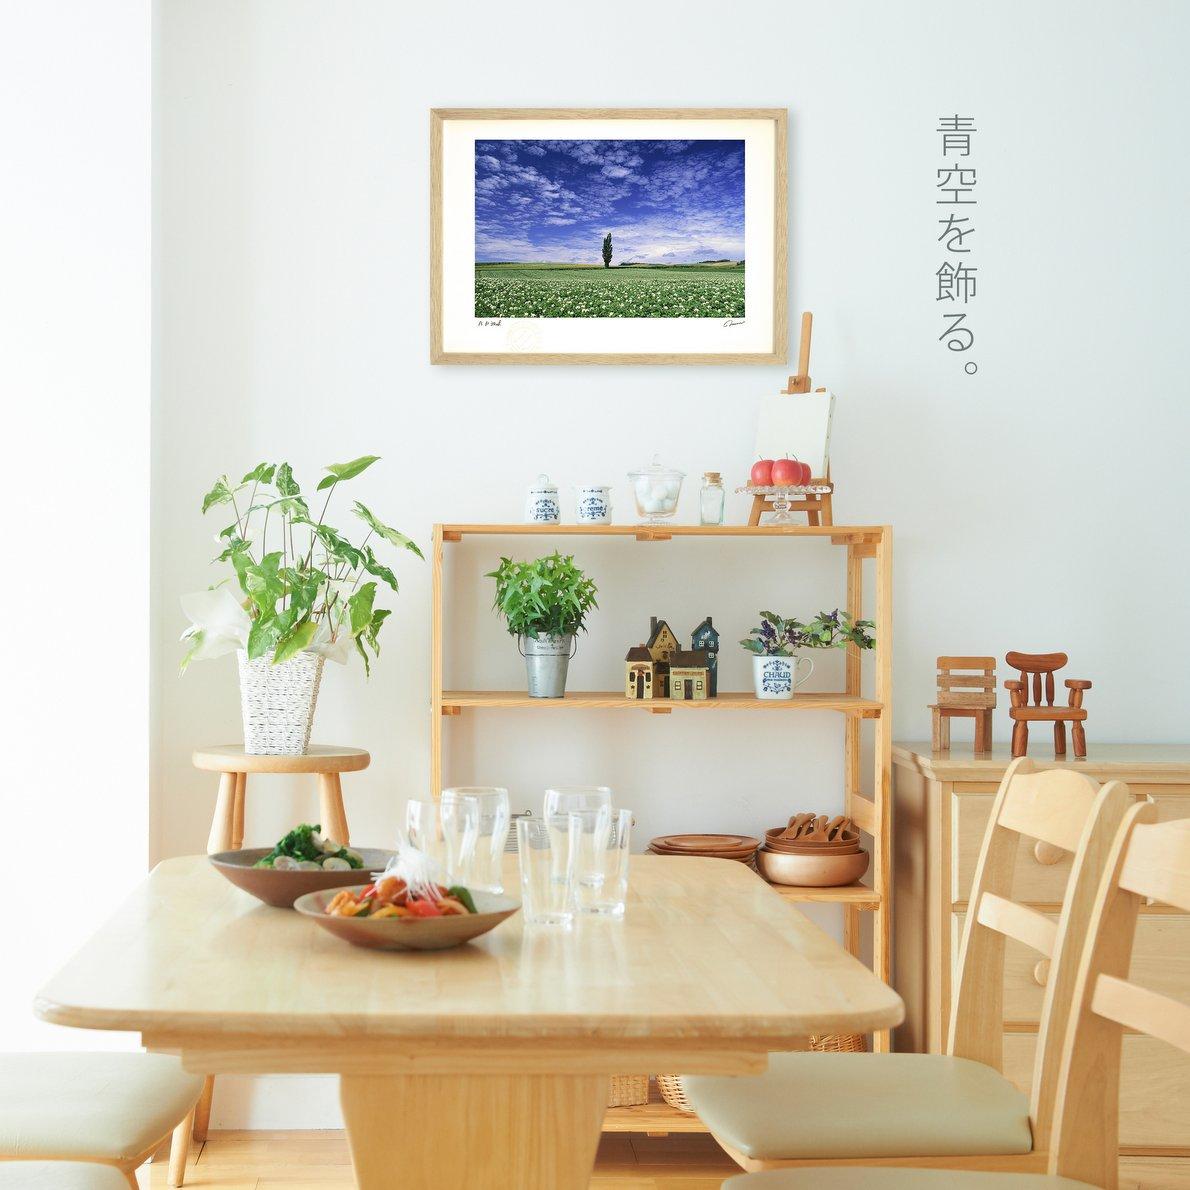 《アートフォト》大雪山とヒマワリ/旭川市〔富良野・高橋真澄〕(レンタル対象)